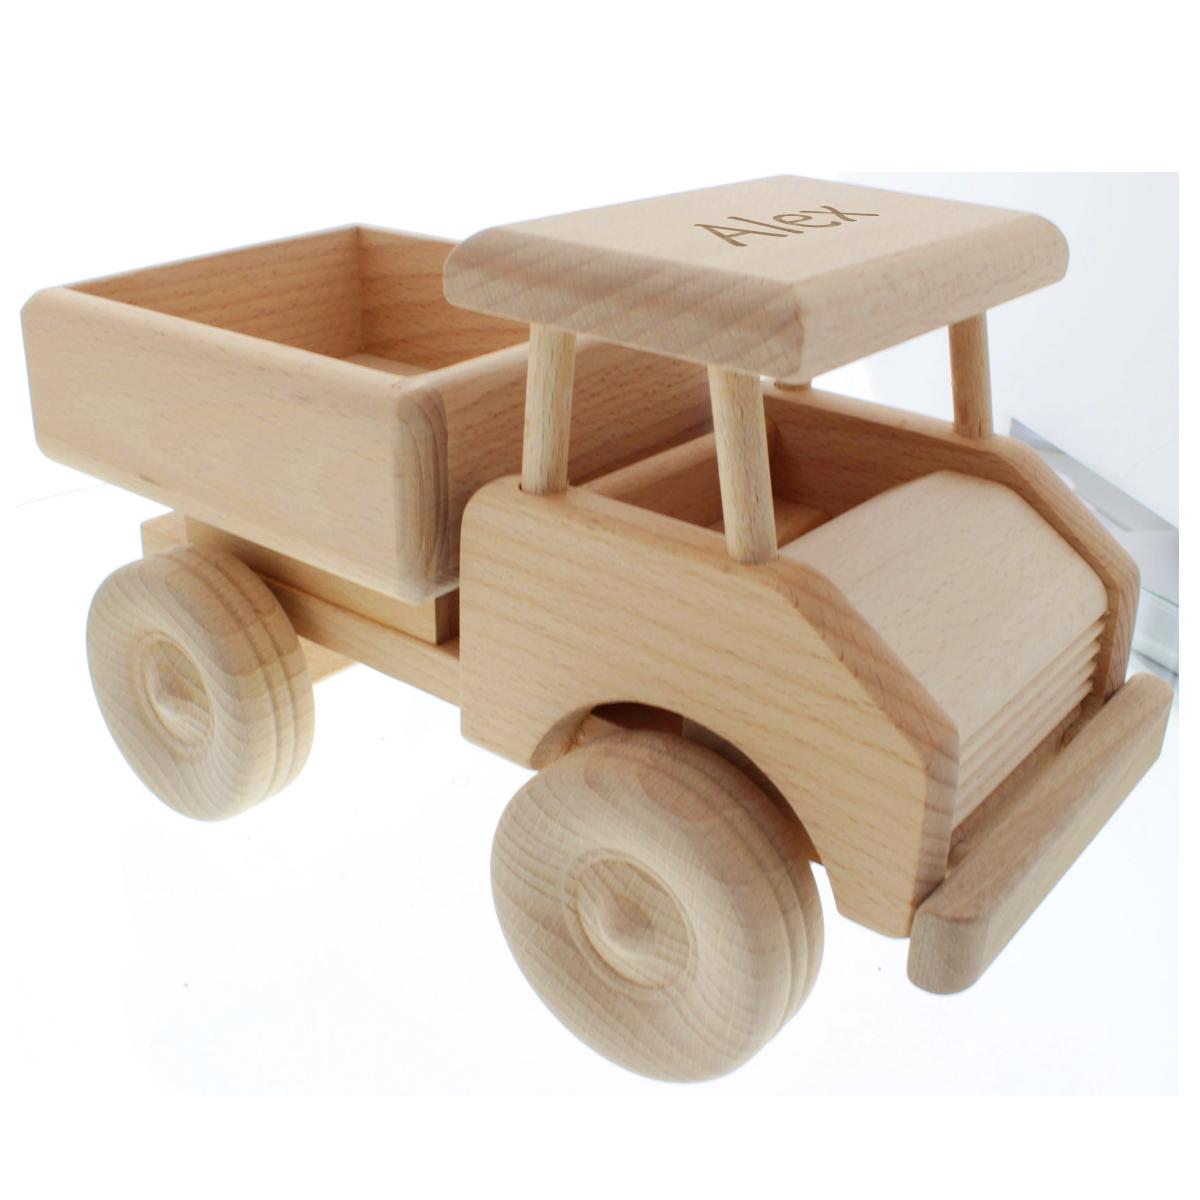 Cadeau, enfants, bébé, camion en bois, naissance, anniversaire